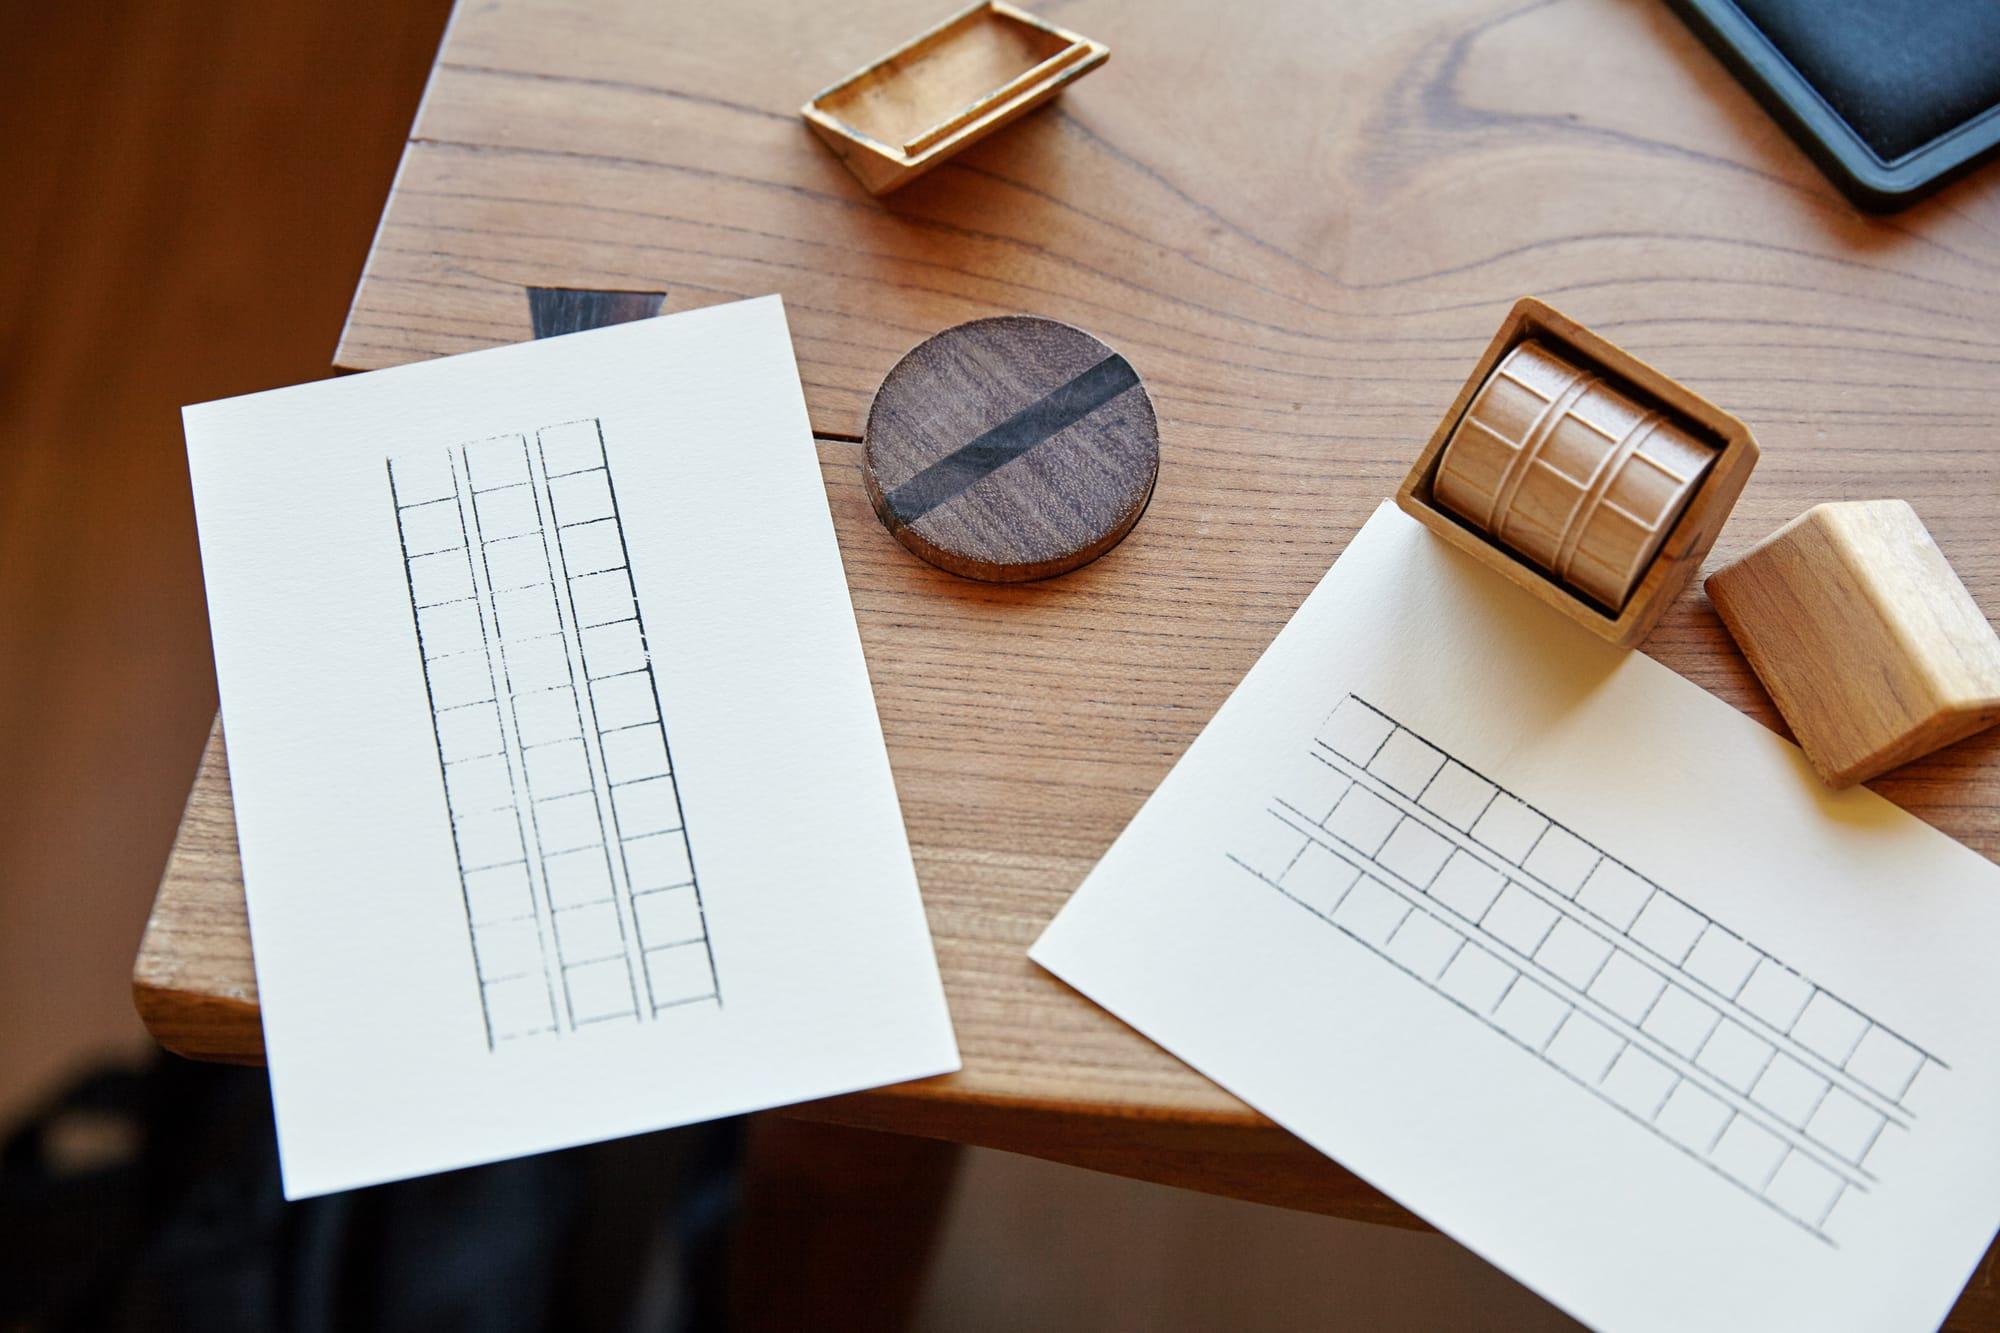 田植え道具の形状から着想を得てデザインした、原稿用紙のマス目を描くことができるスタンプ「わく」。富山県高岡市の木型職人が無垢の木を削り出して、金具や接着剤を一切使わない精密加工で仕上げている。